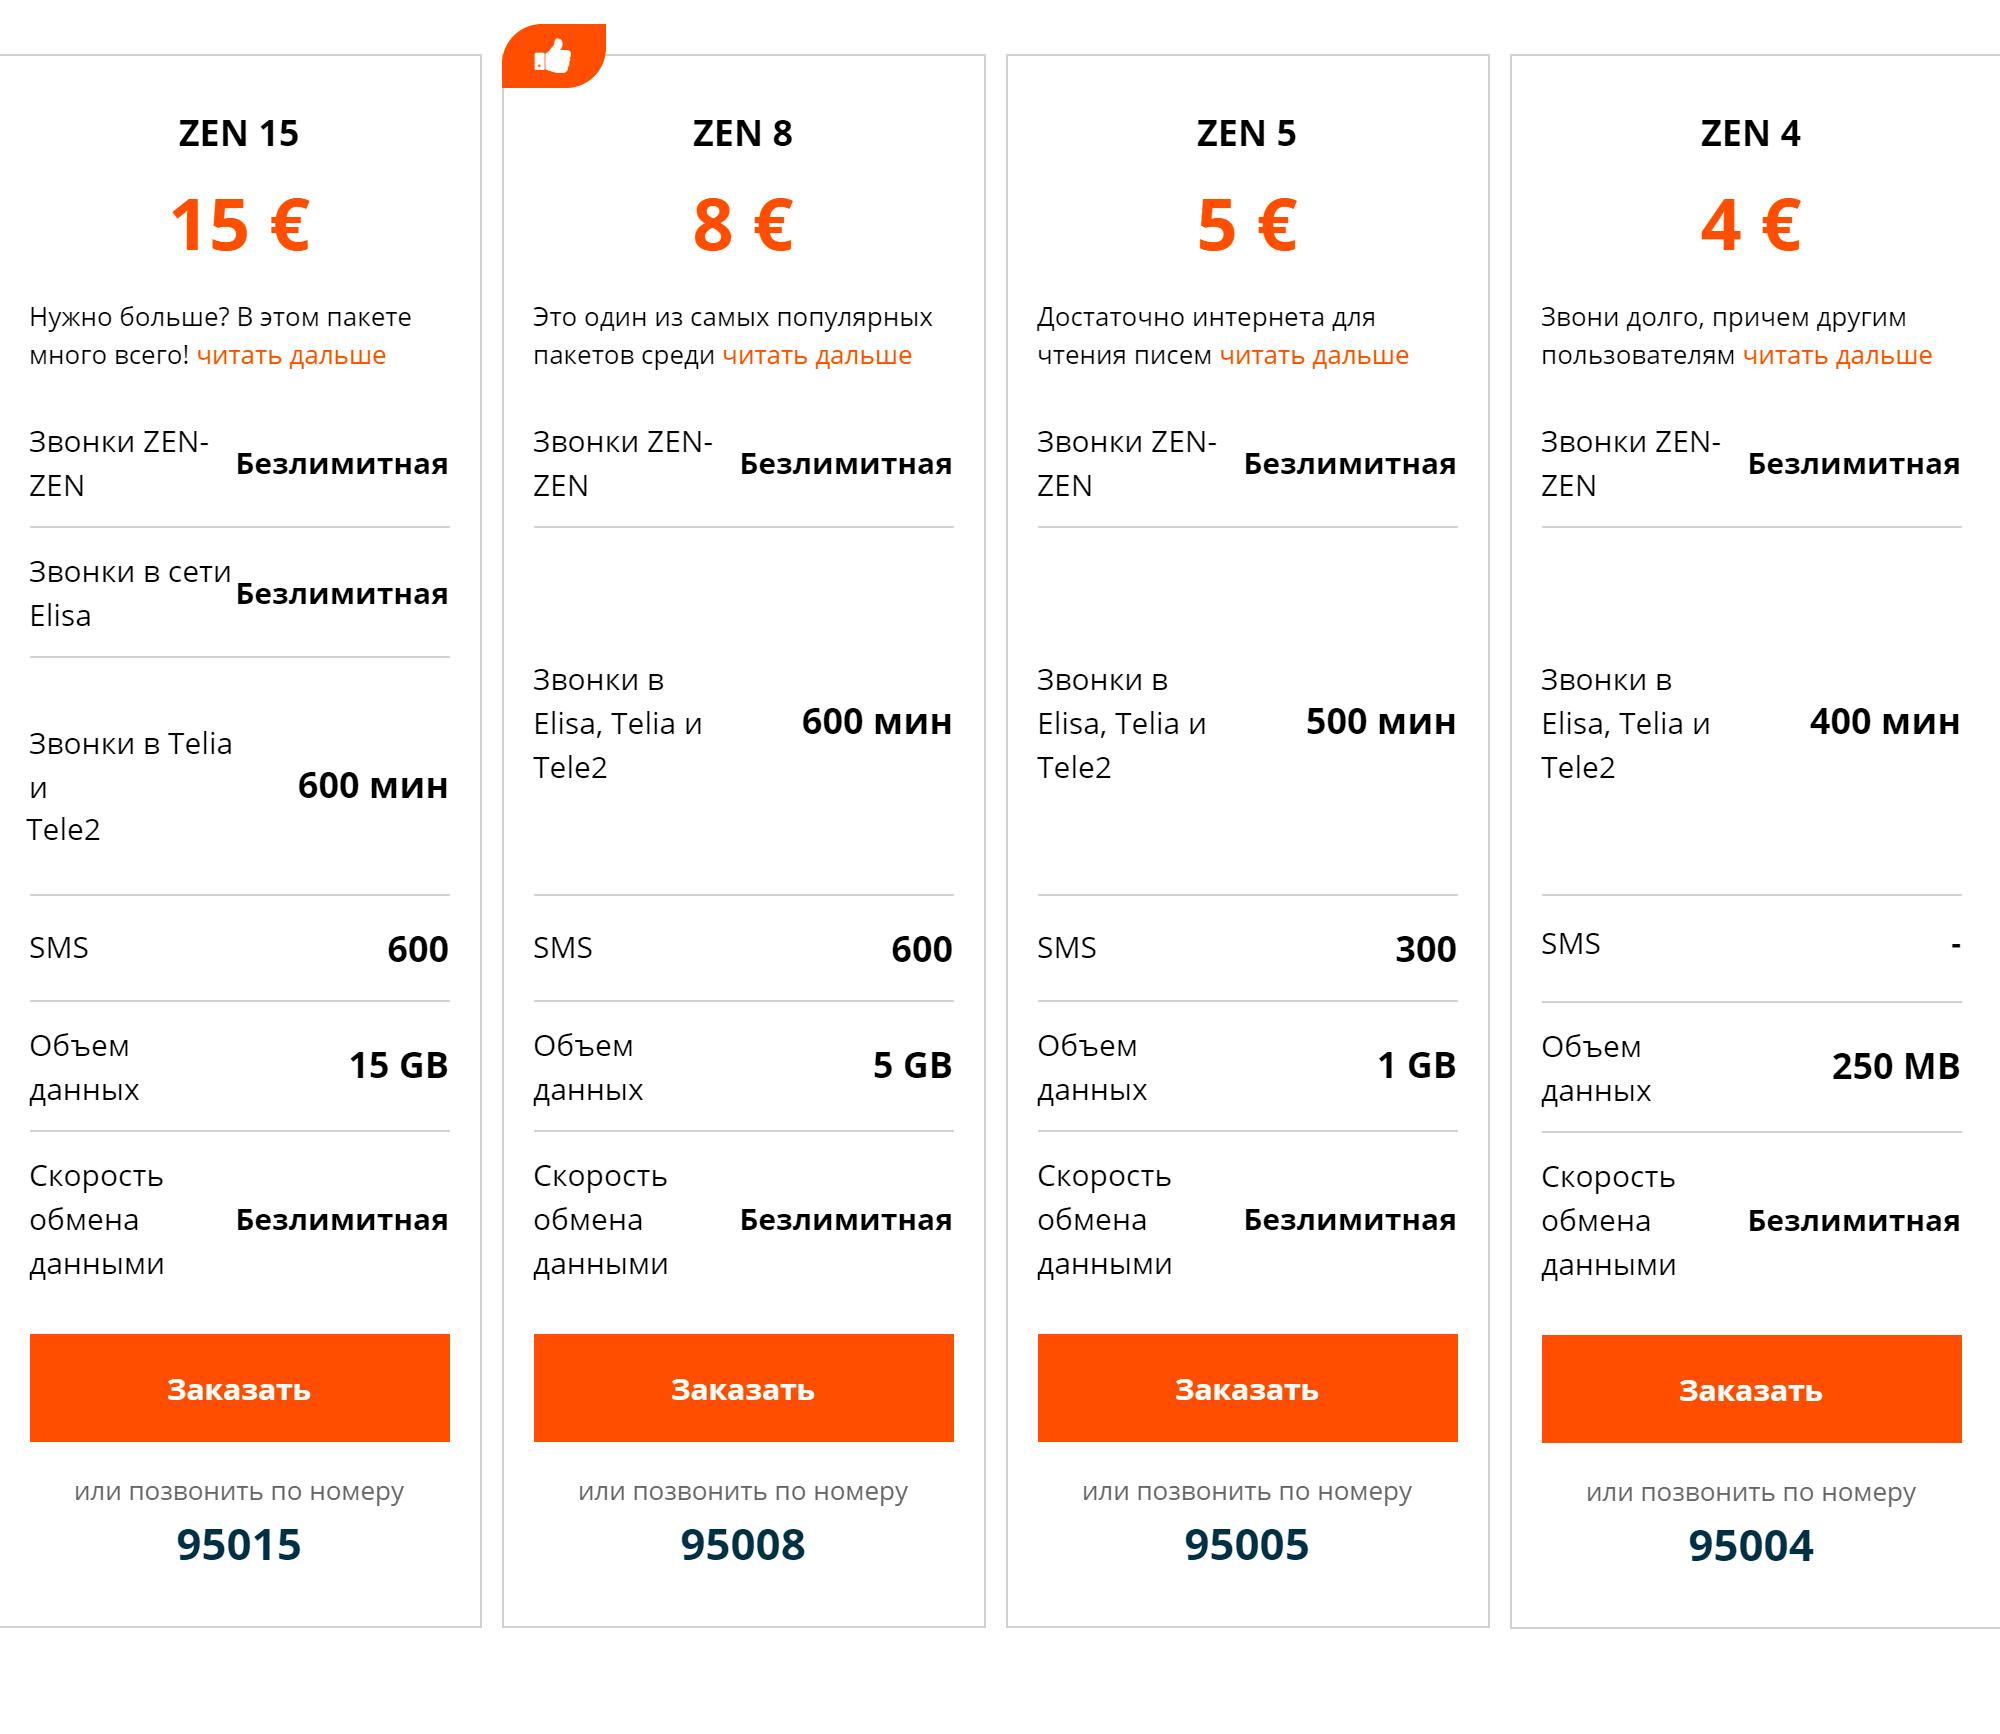 Сотовый оператор Zen работает только в Эстонии, но зато и цены у него чуть более щадящие